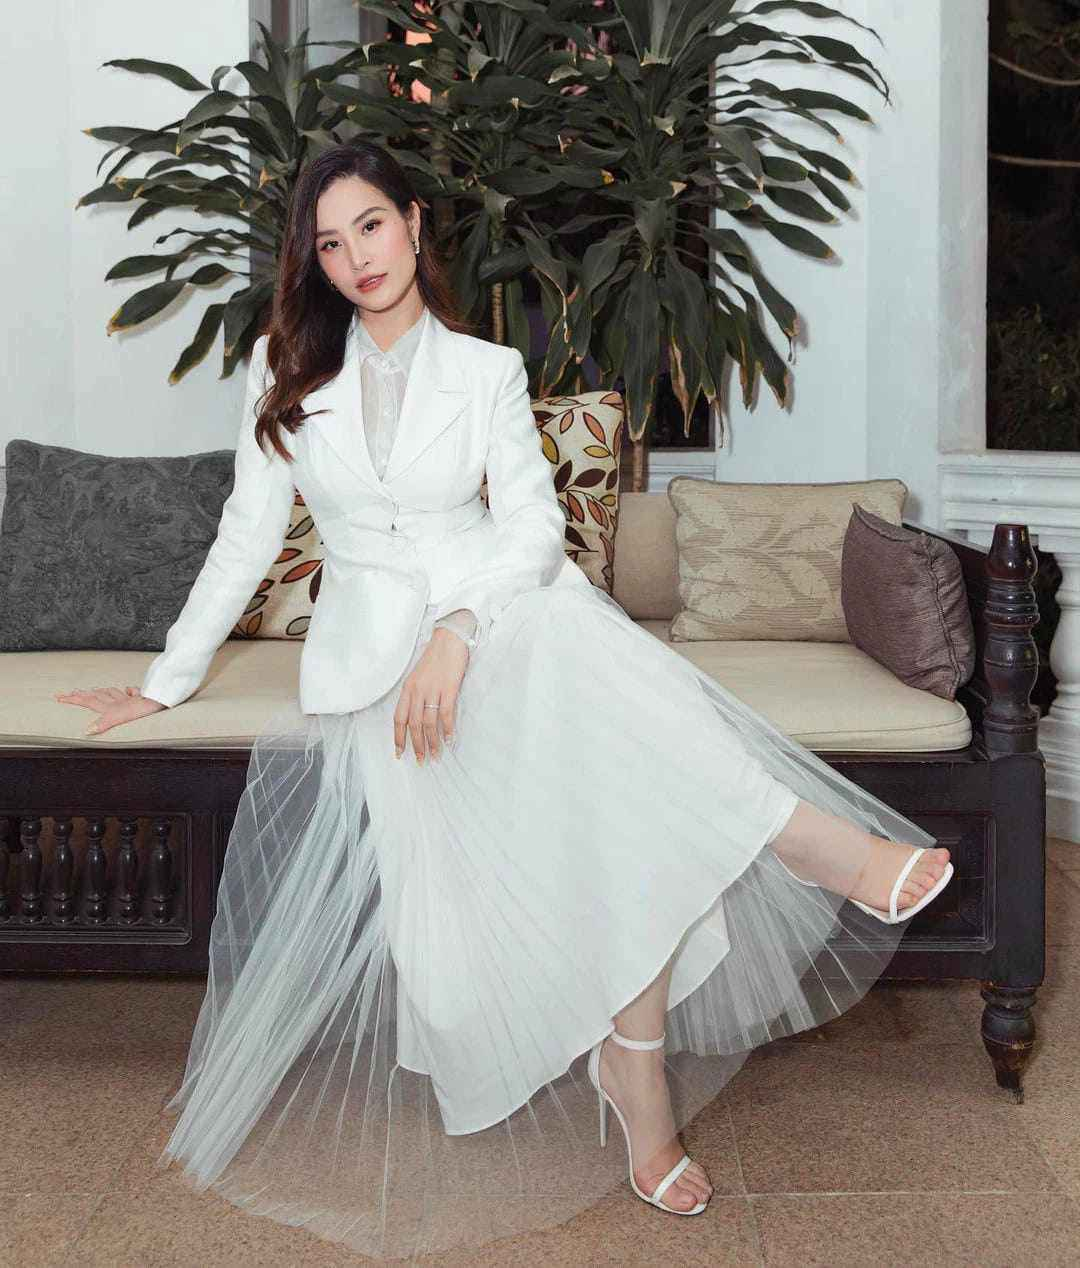 """Công nương Kate đẹp quý tộc với blazer và chân váy,hoá ra mỹ nhân Việt đã """"lăng xê"""" từ lâu - 6"""